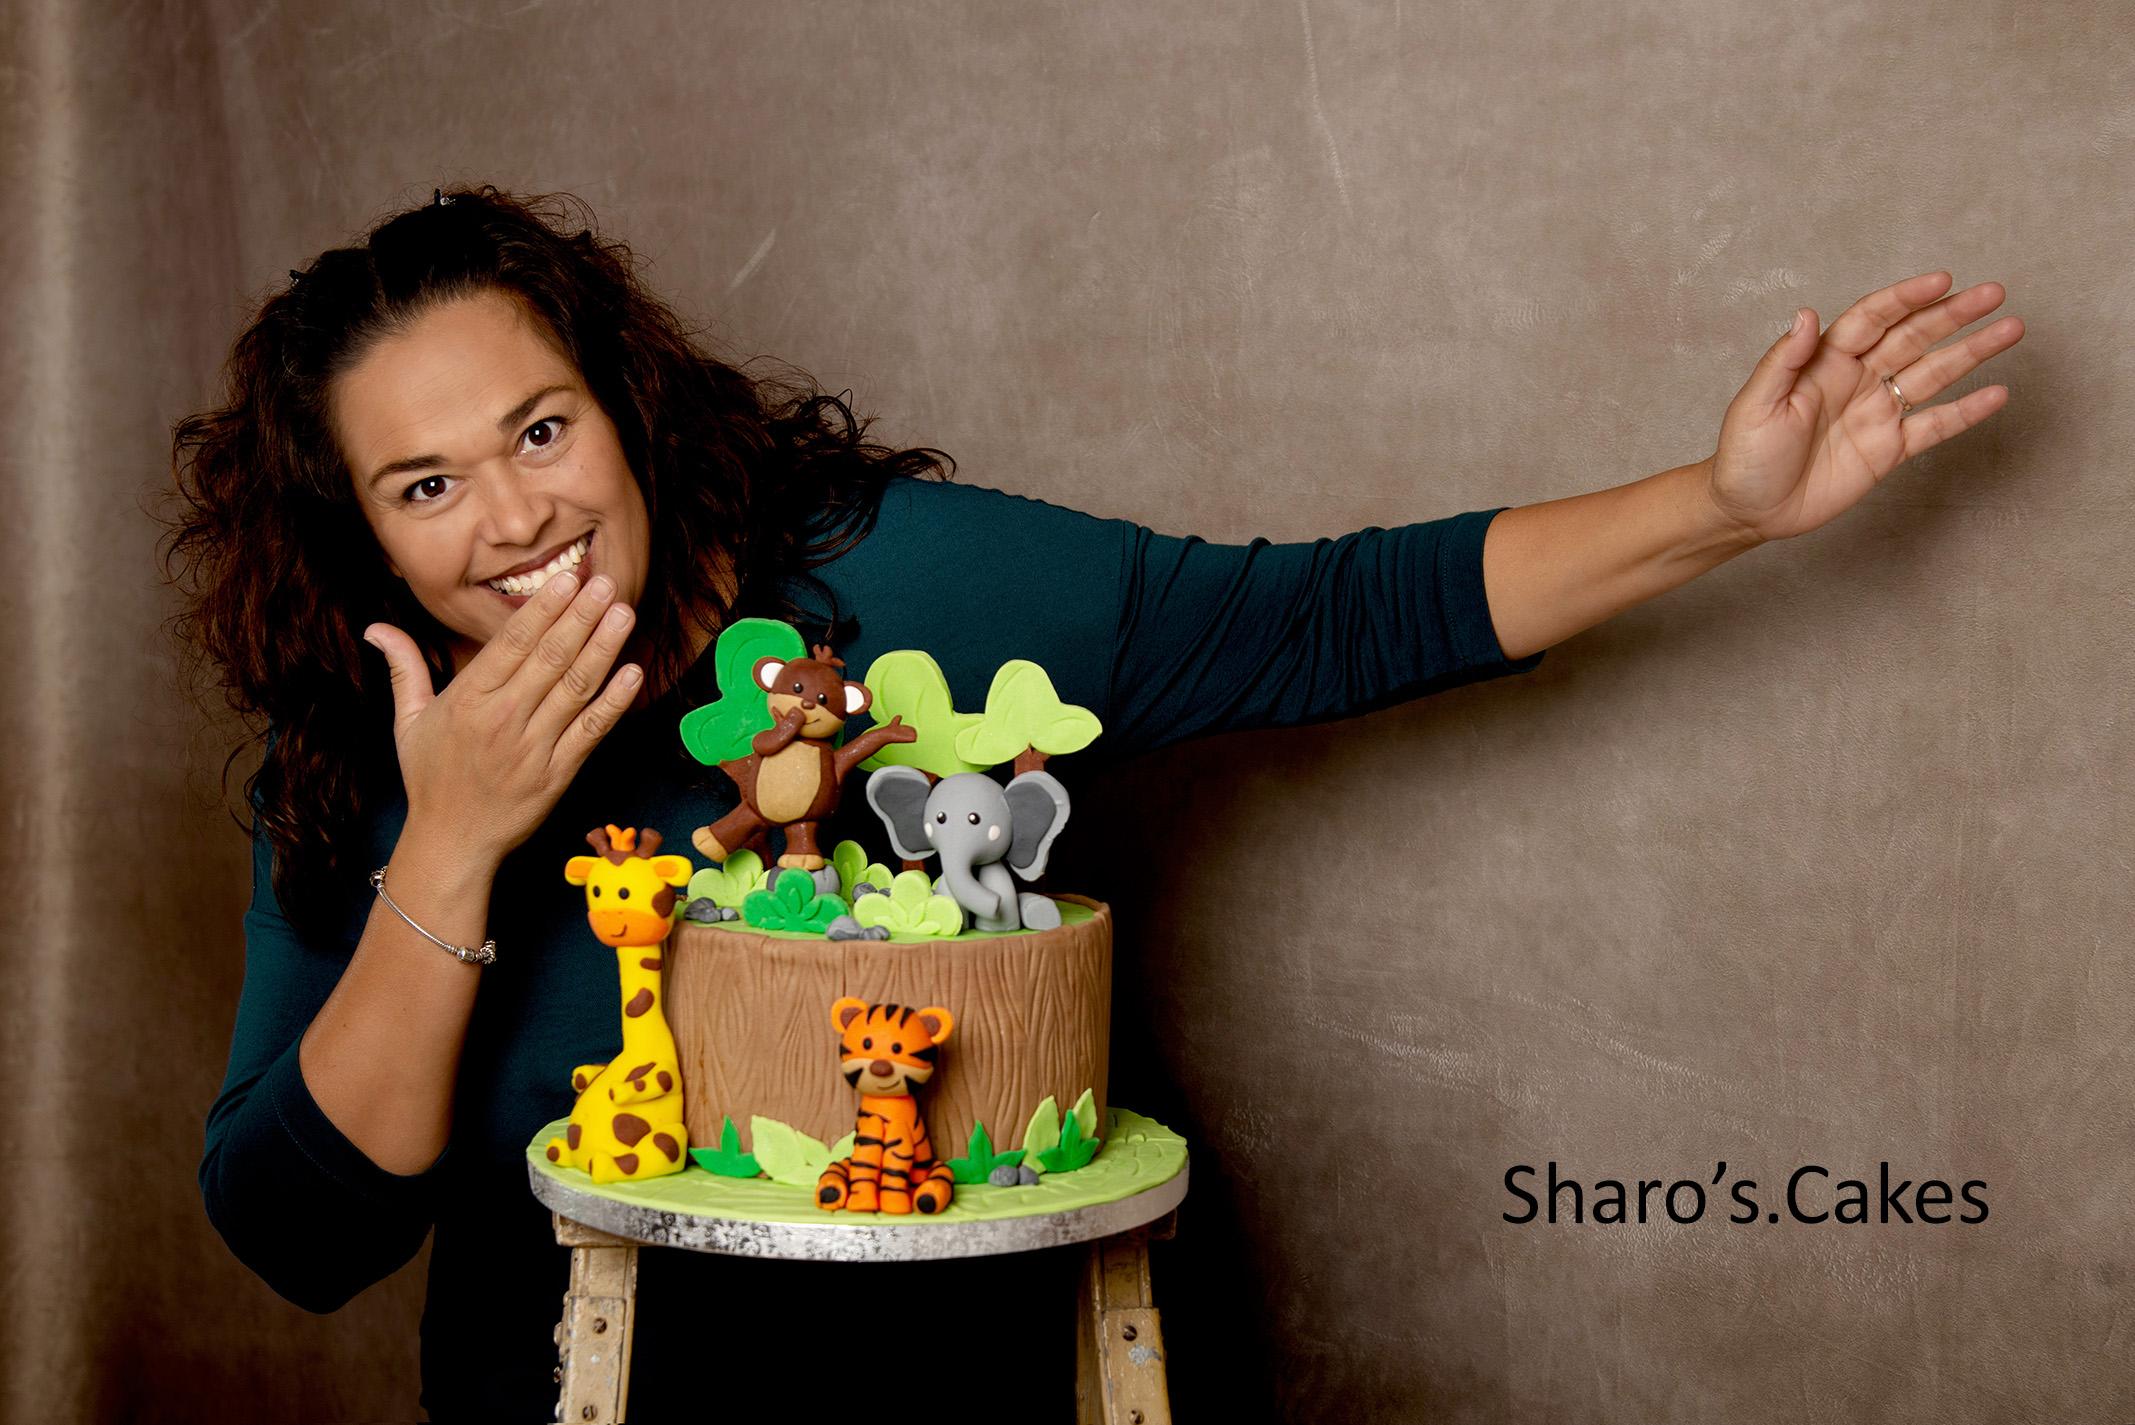 Sharo's Cakes